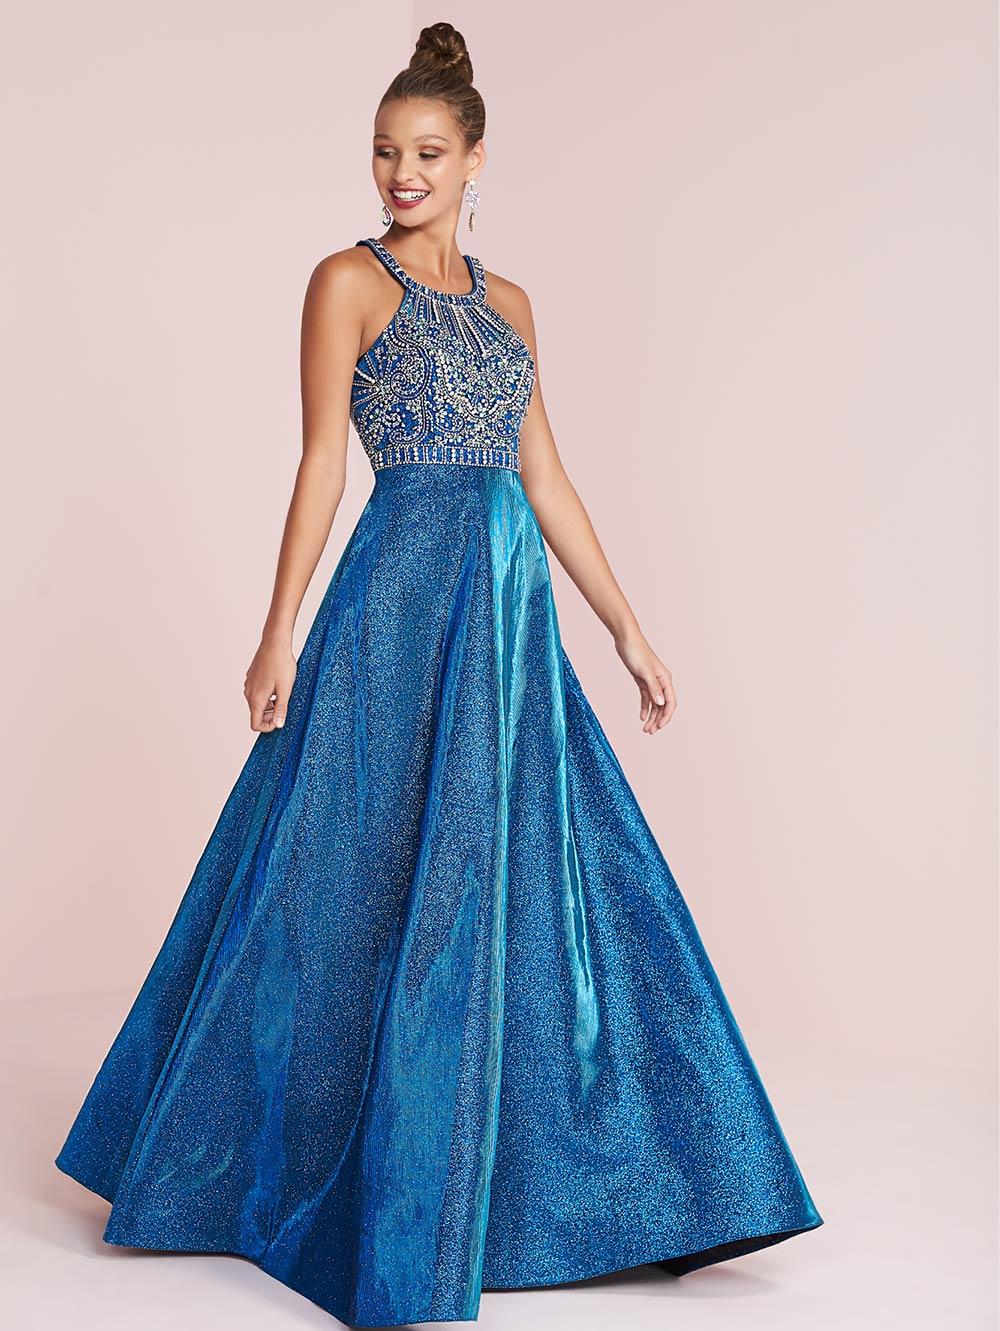 prom-dresses-jacquelin-bridals-canada-27600